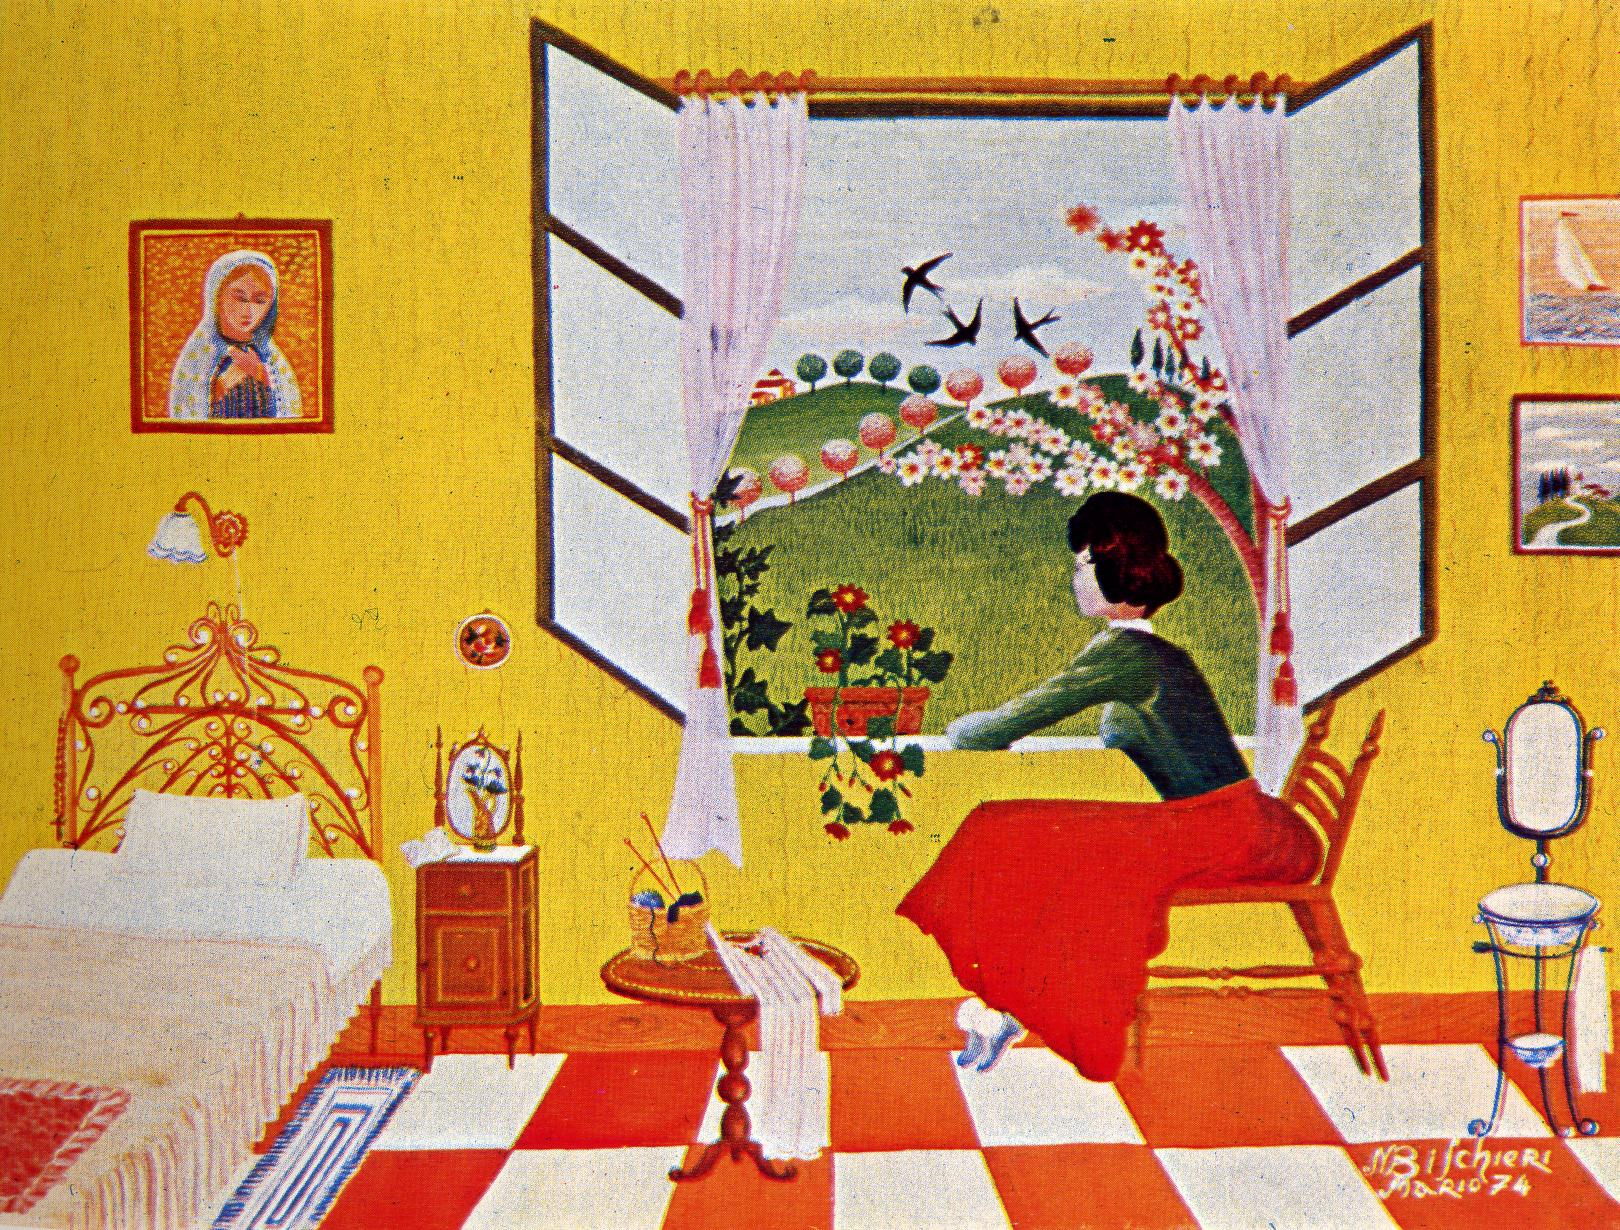 Cento e passa pittori naif 03 miglieruolo for Ragazza alla finestra quadro